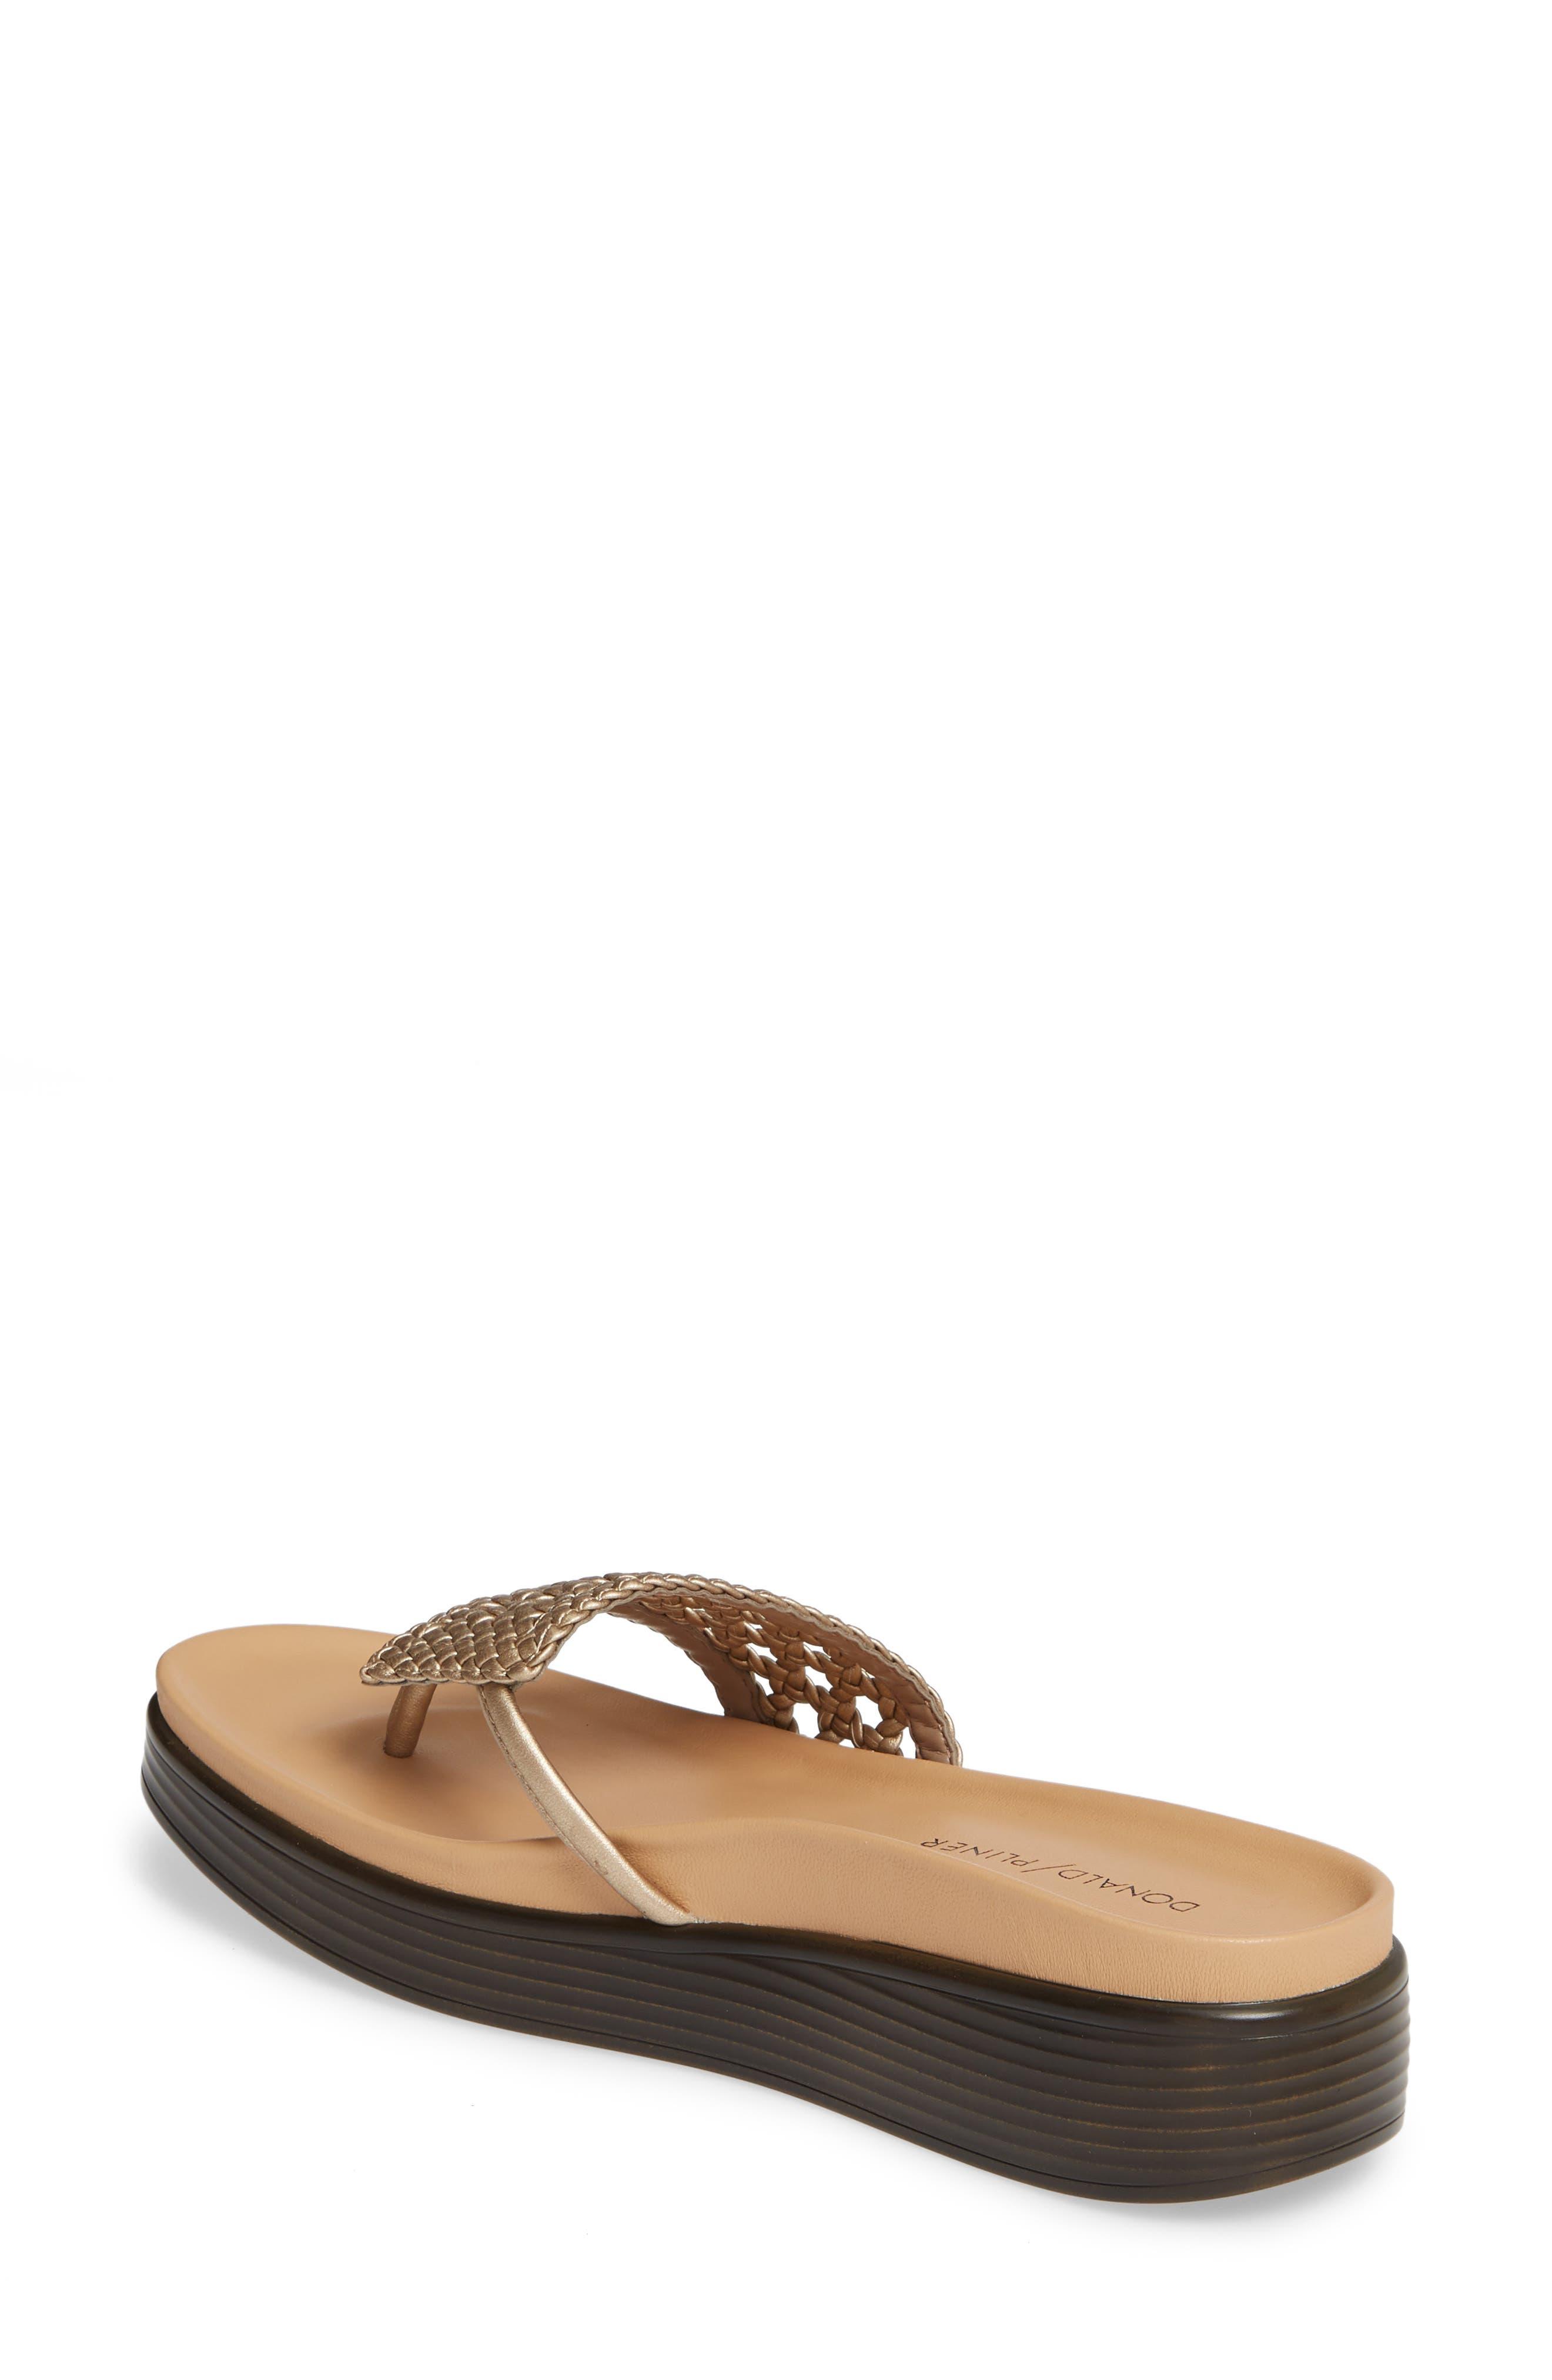 ba1ad7892b9d04 Women s Donald Pliner Sandals